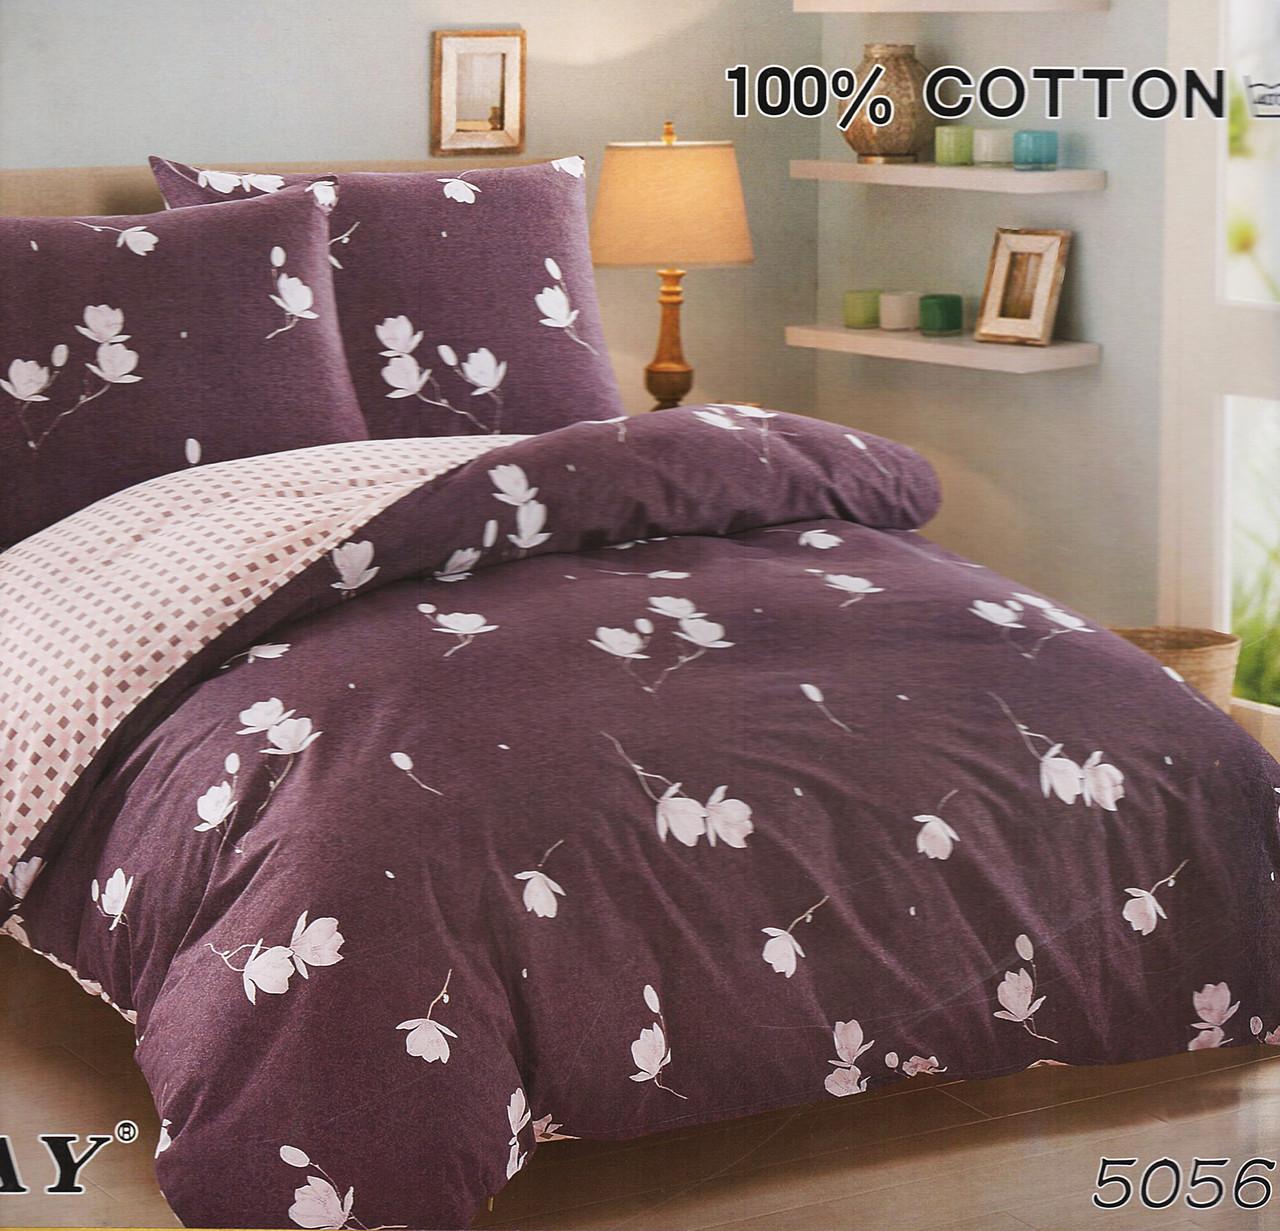 Семейный комплект постельного белья ELWAY 5056 сатин